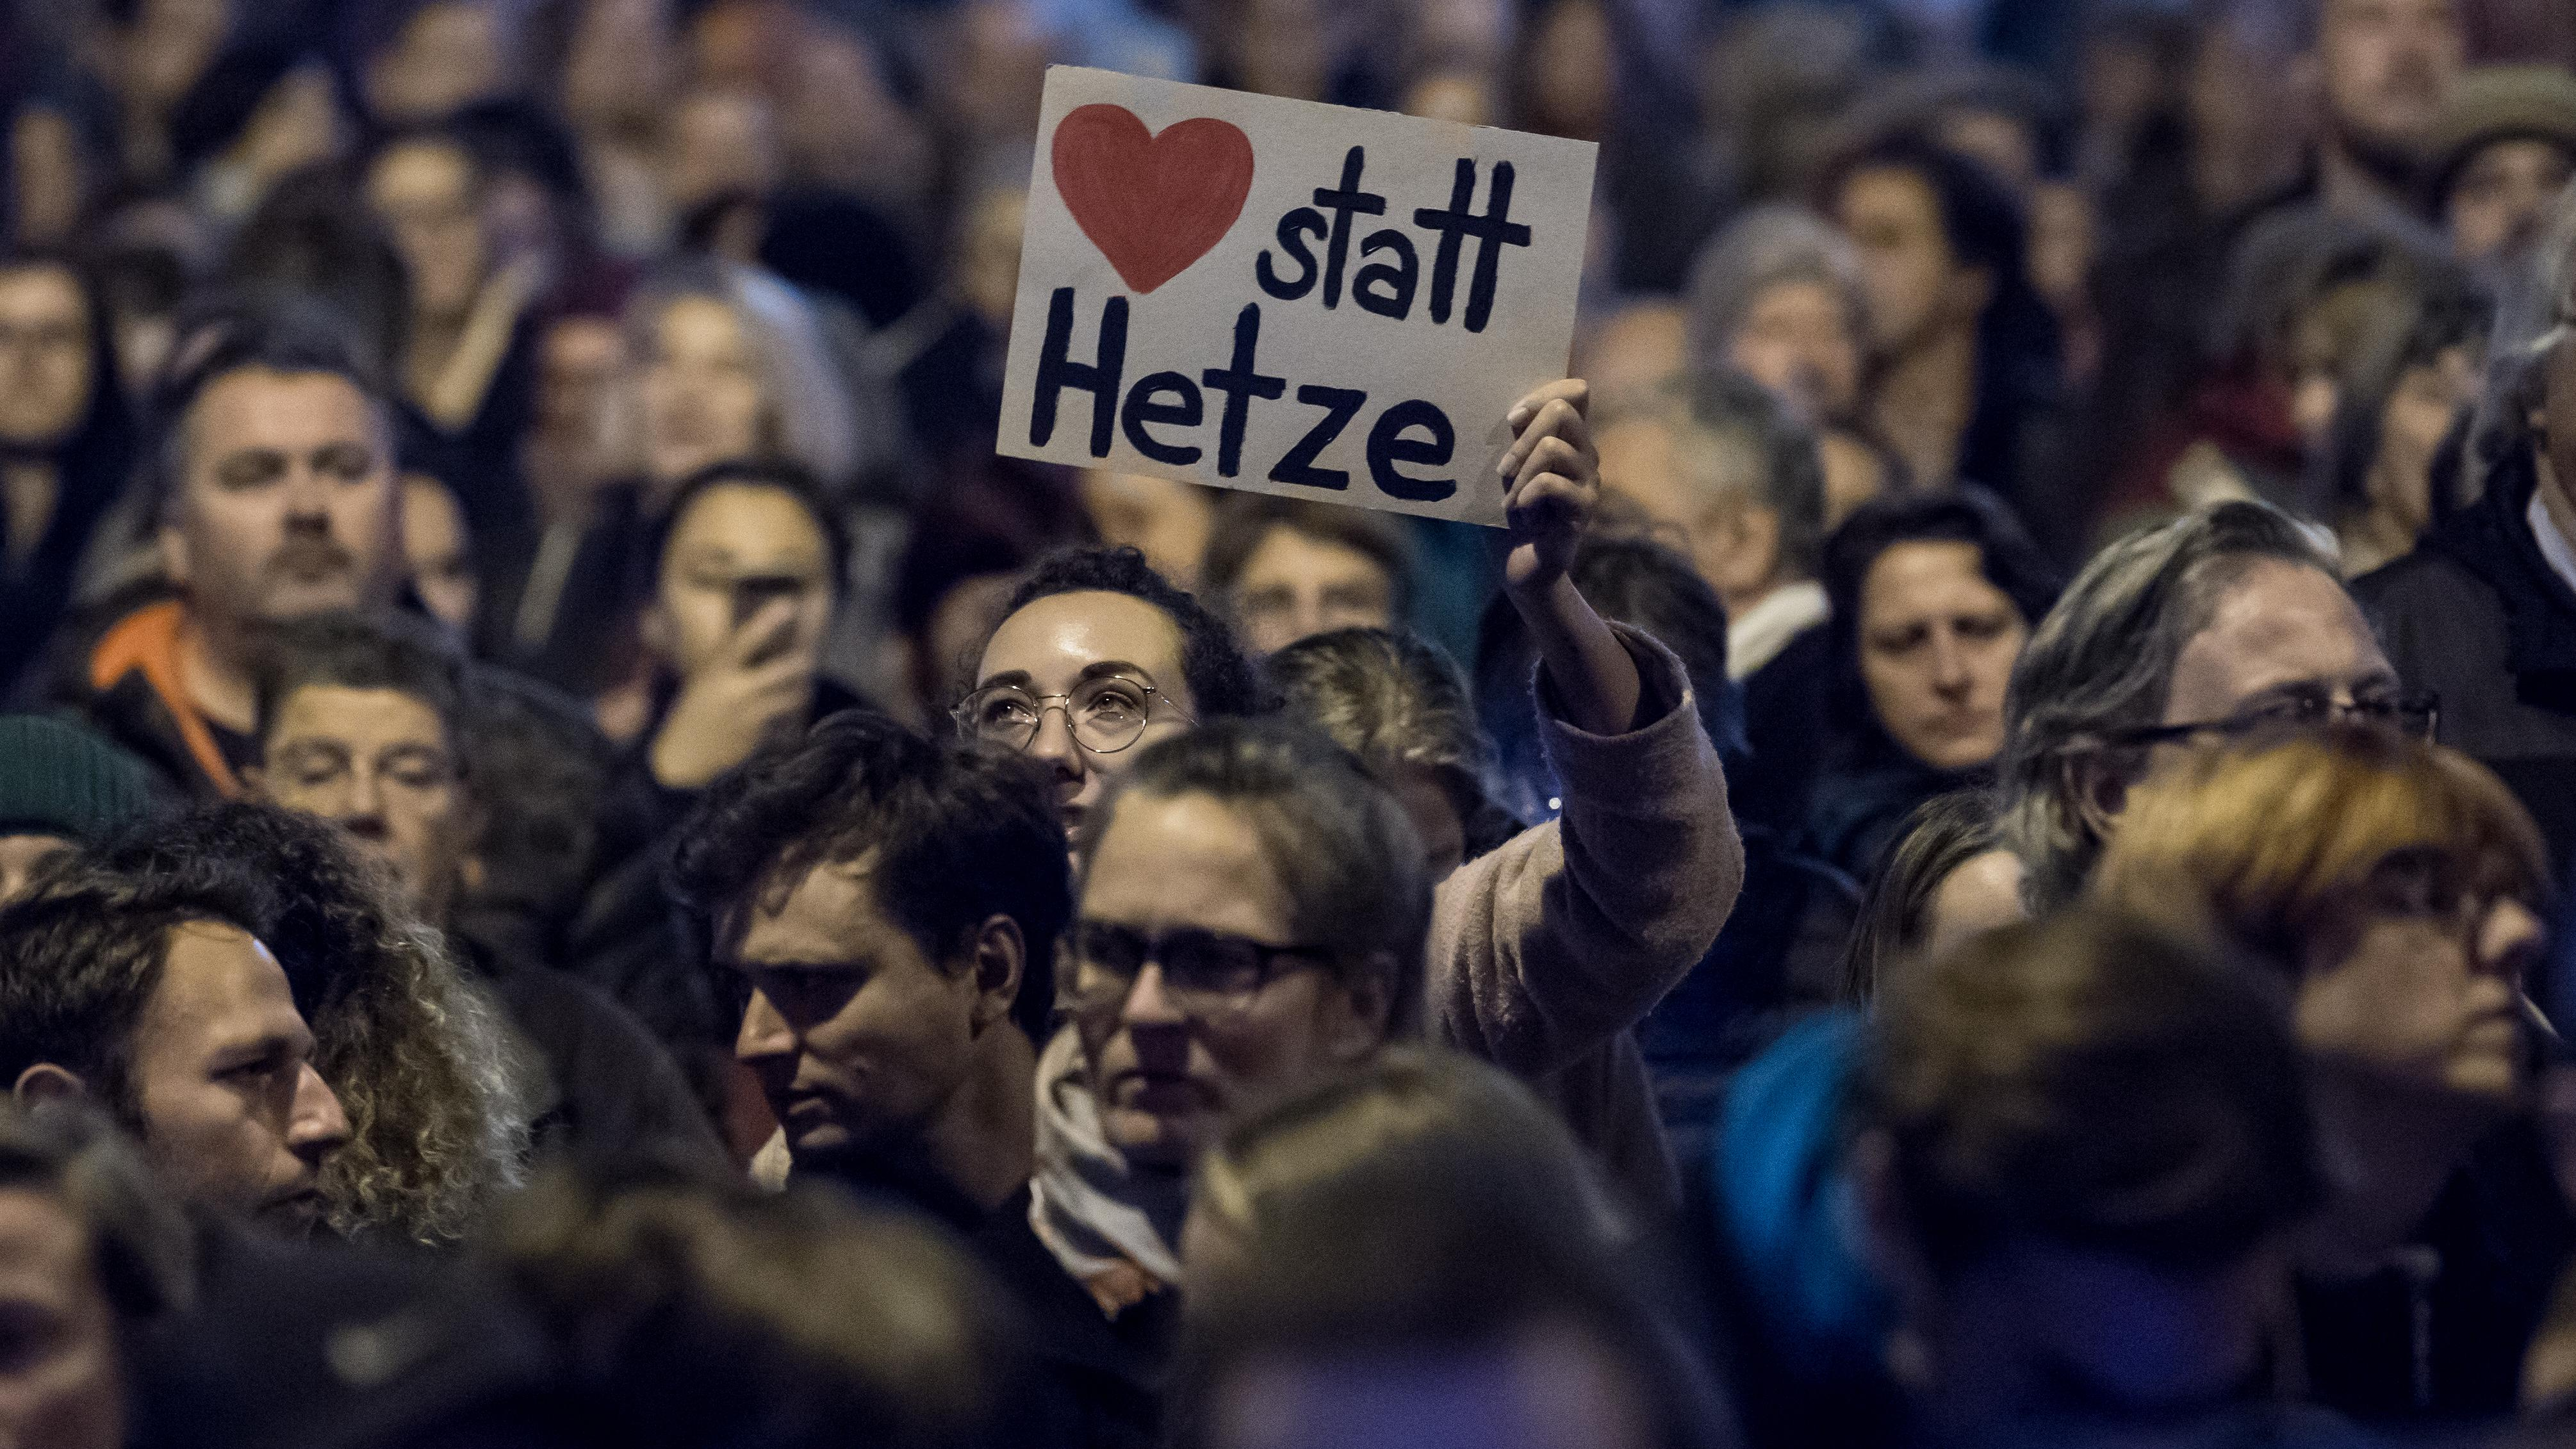 #wehretdenanfängen-Demo auf der Maximilianstraße